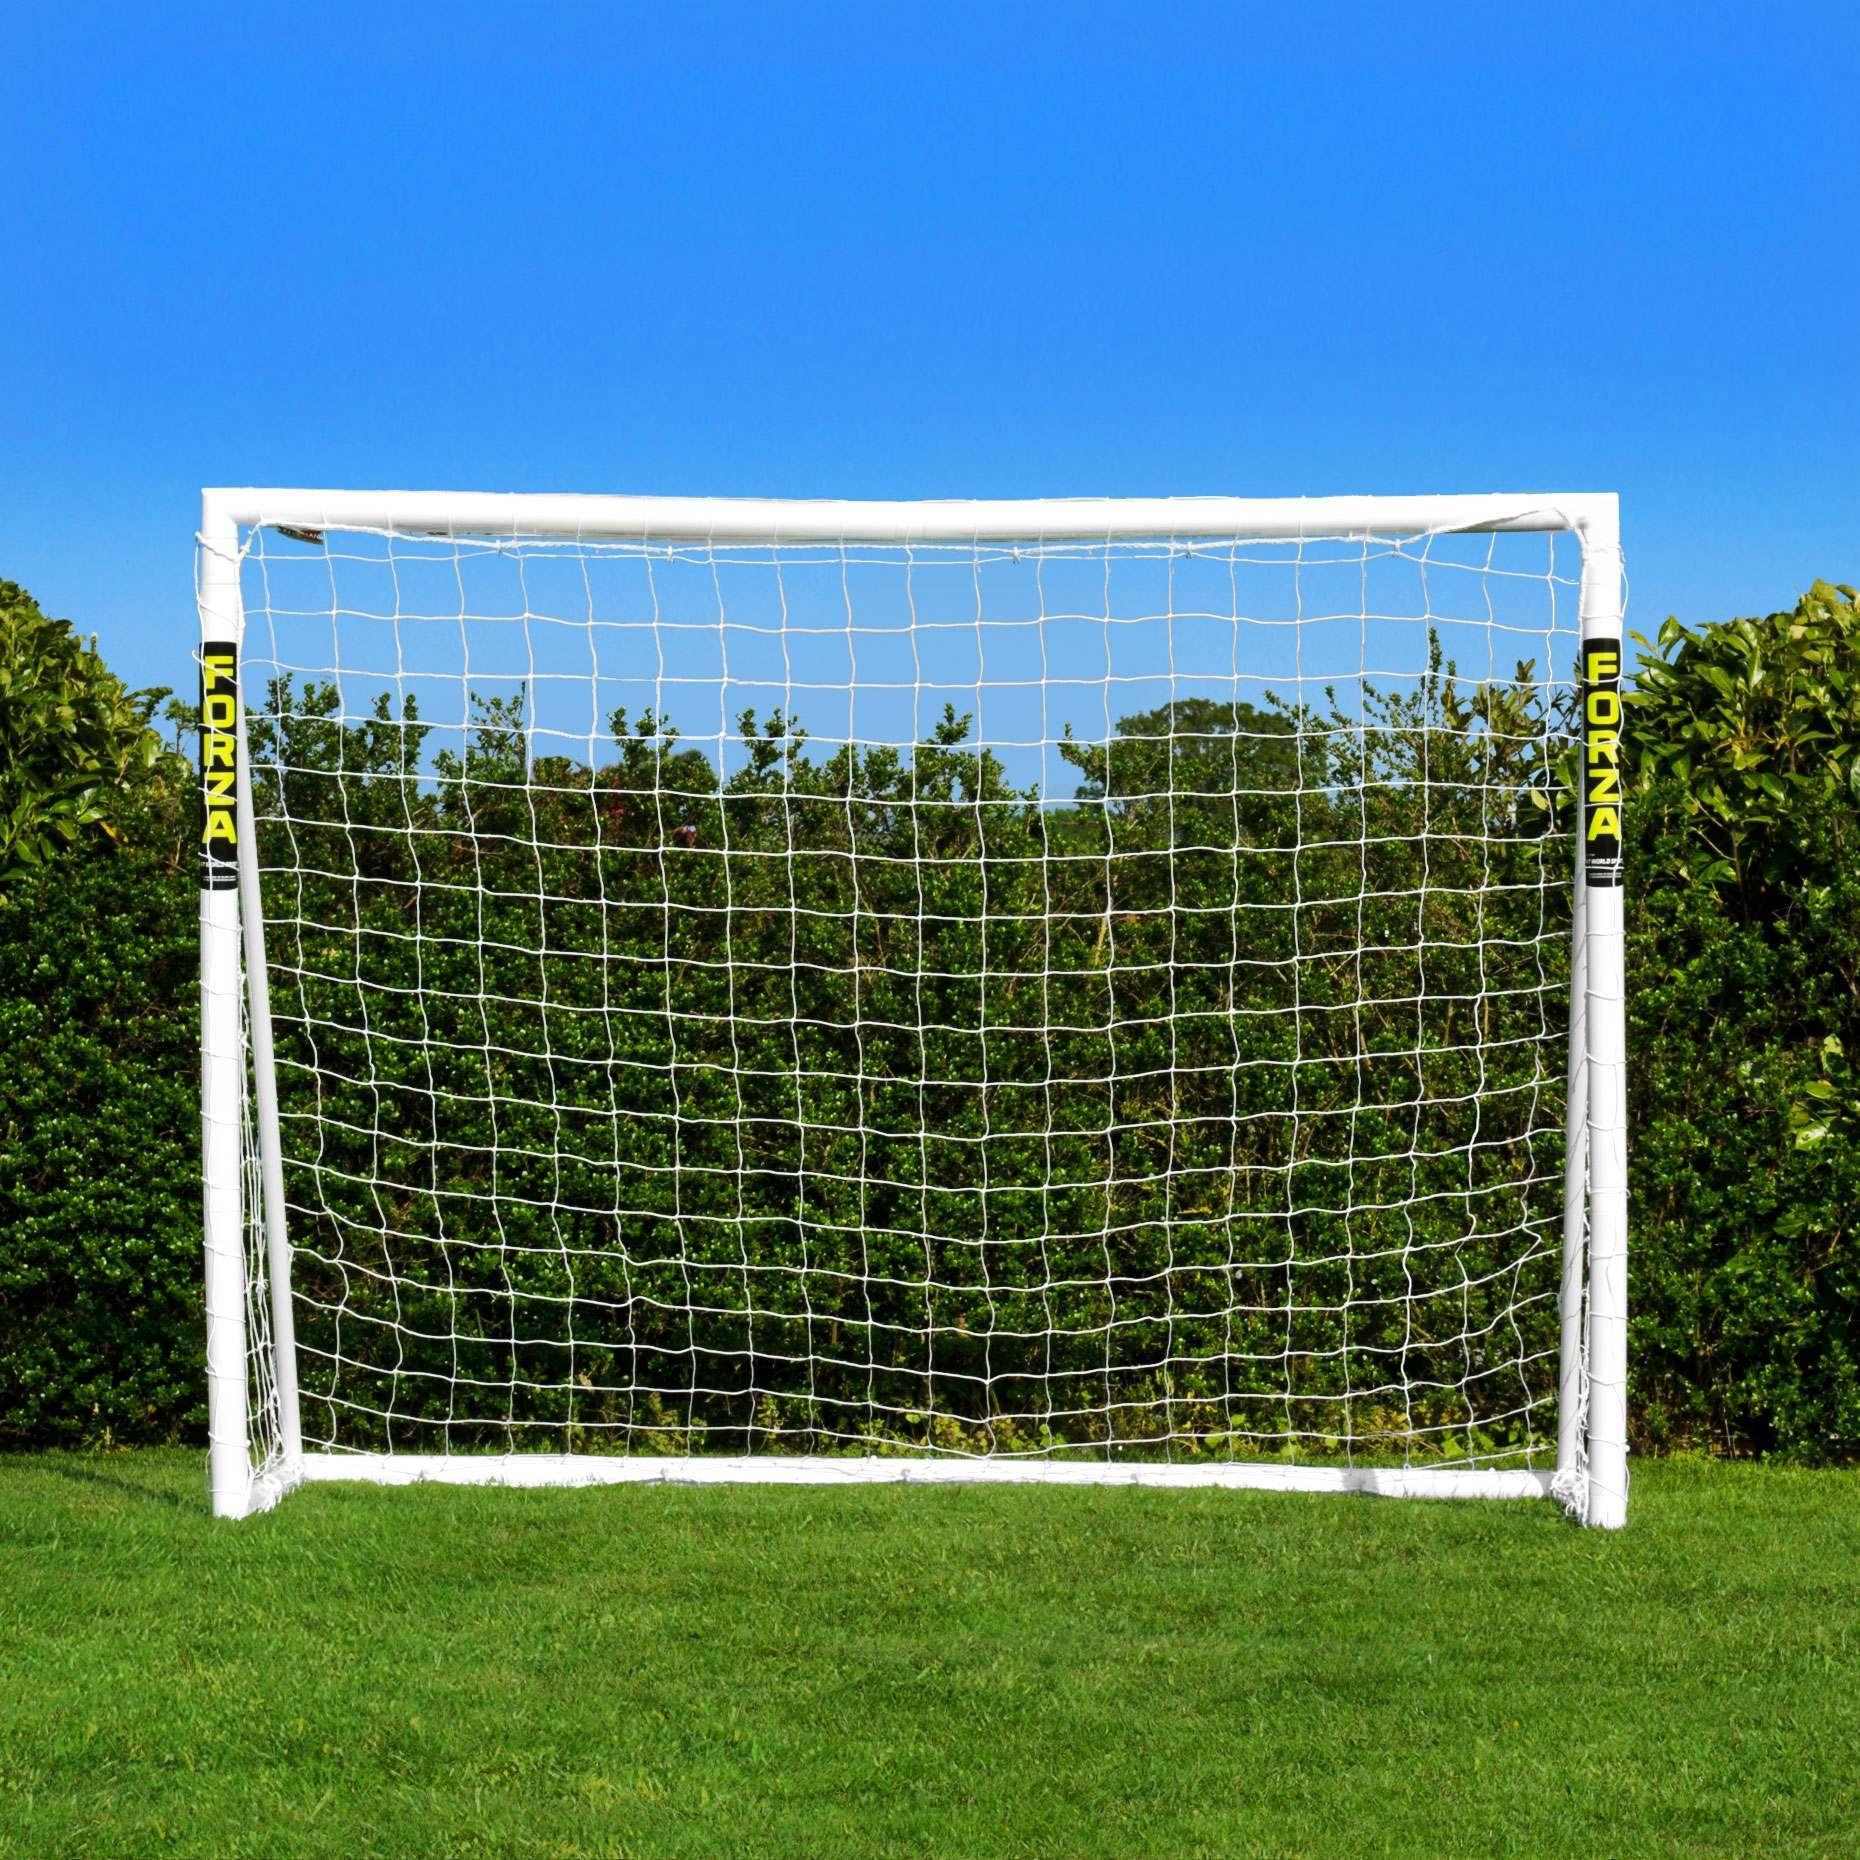 8 x 6 FORZA Soccer Goal Post | Soccer Goals | Soccer Goal ...